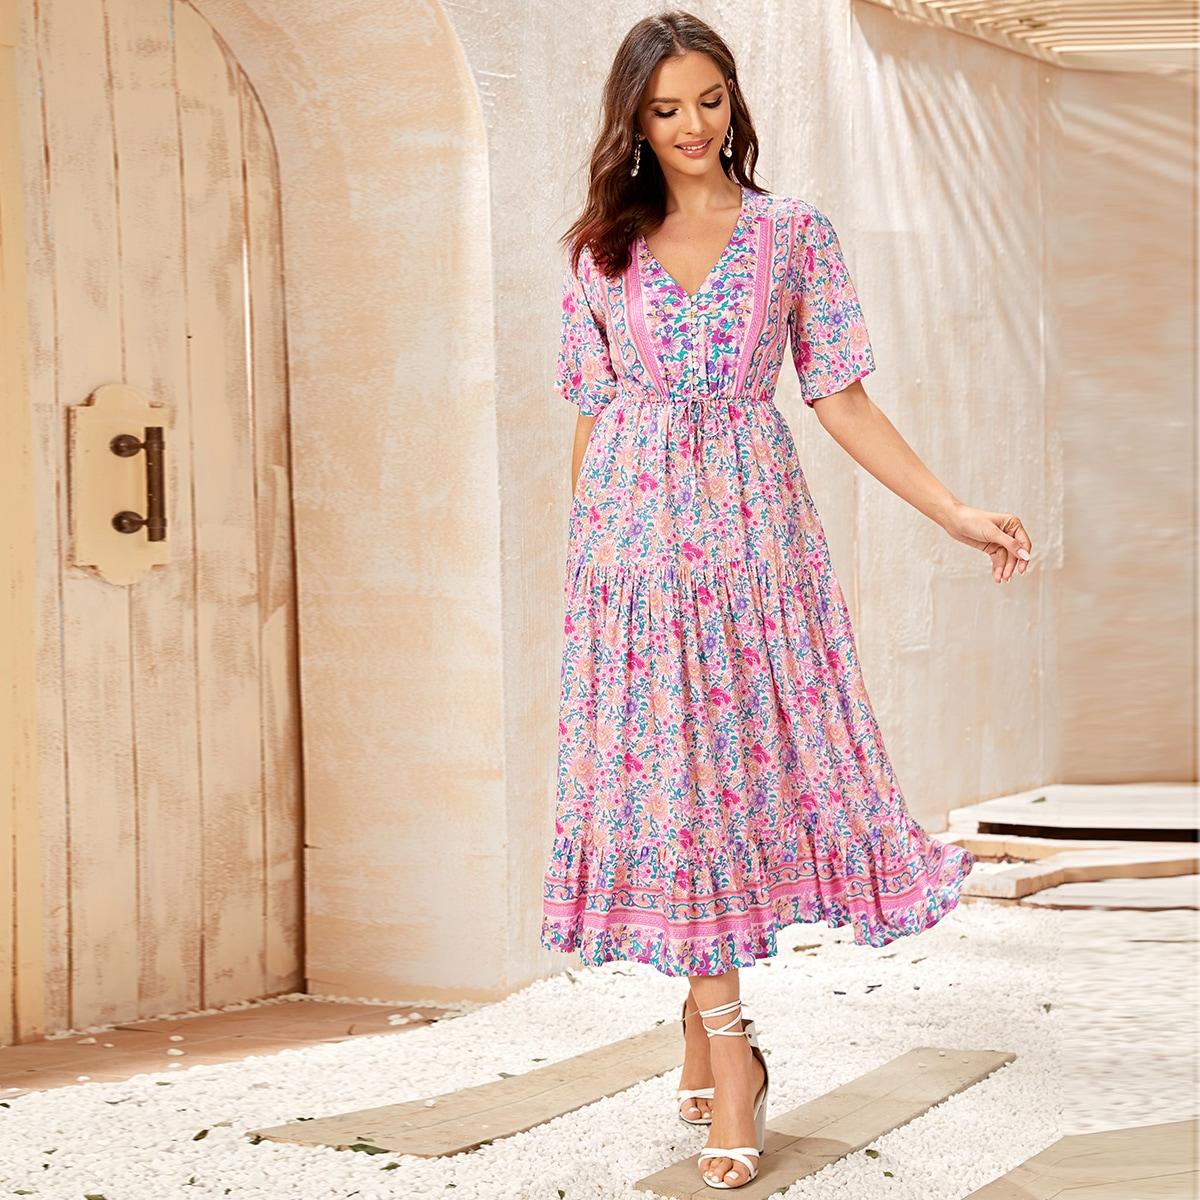 Цветочное платье с оборками на кулиске